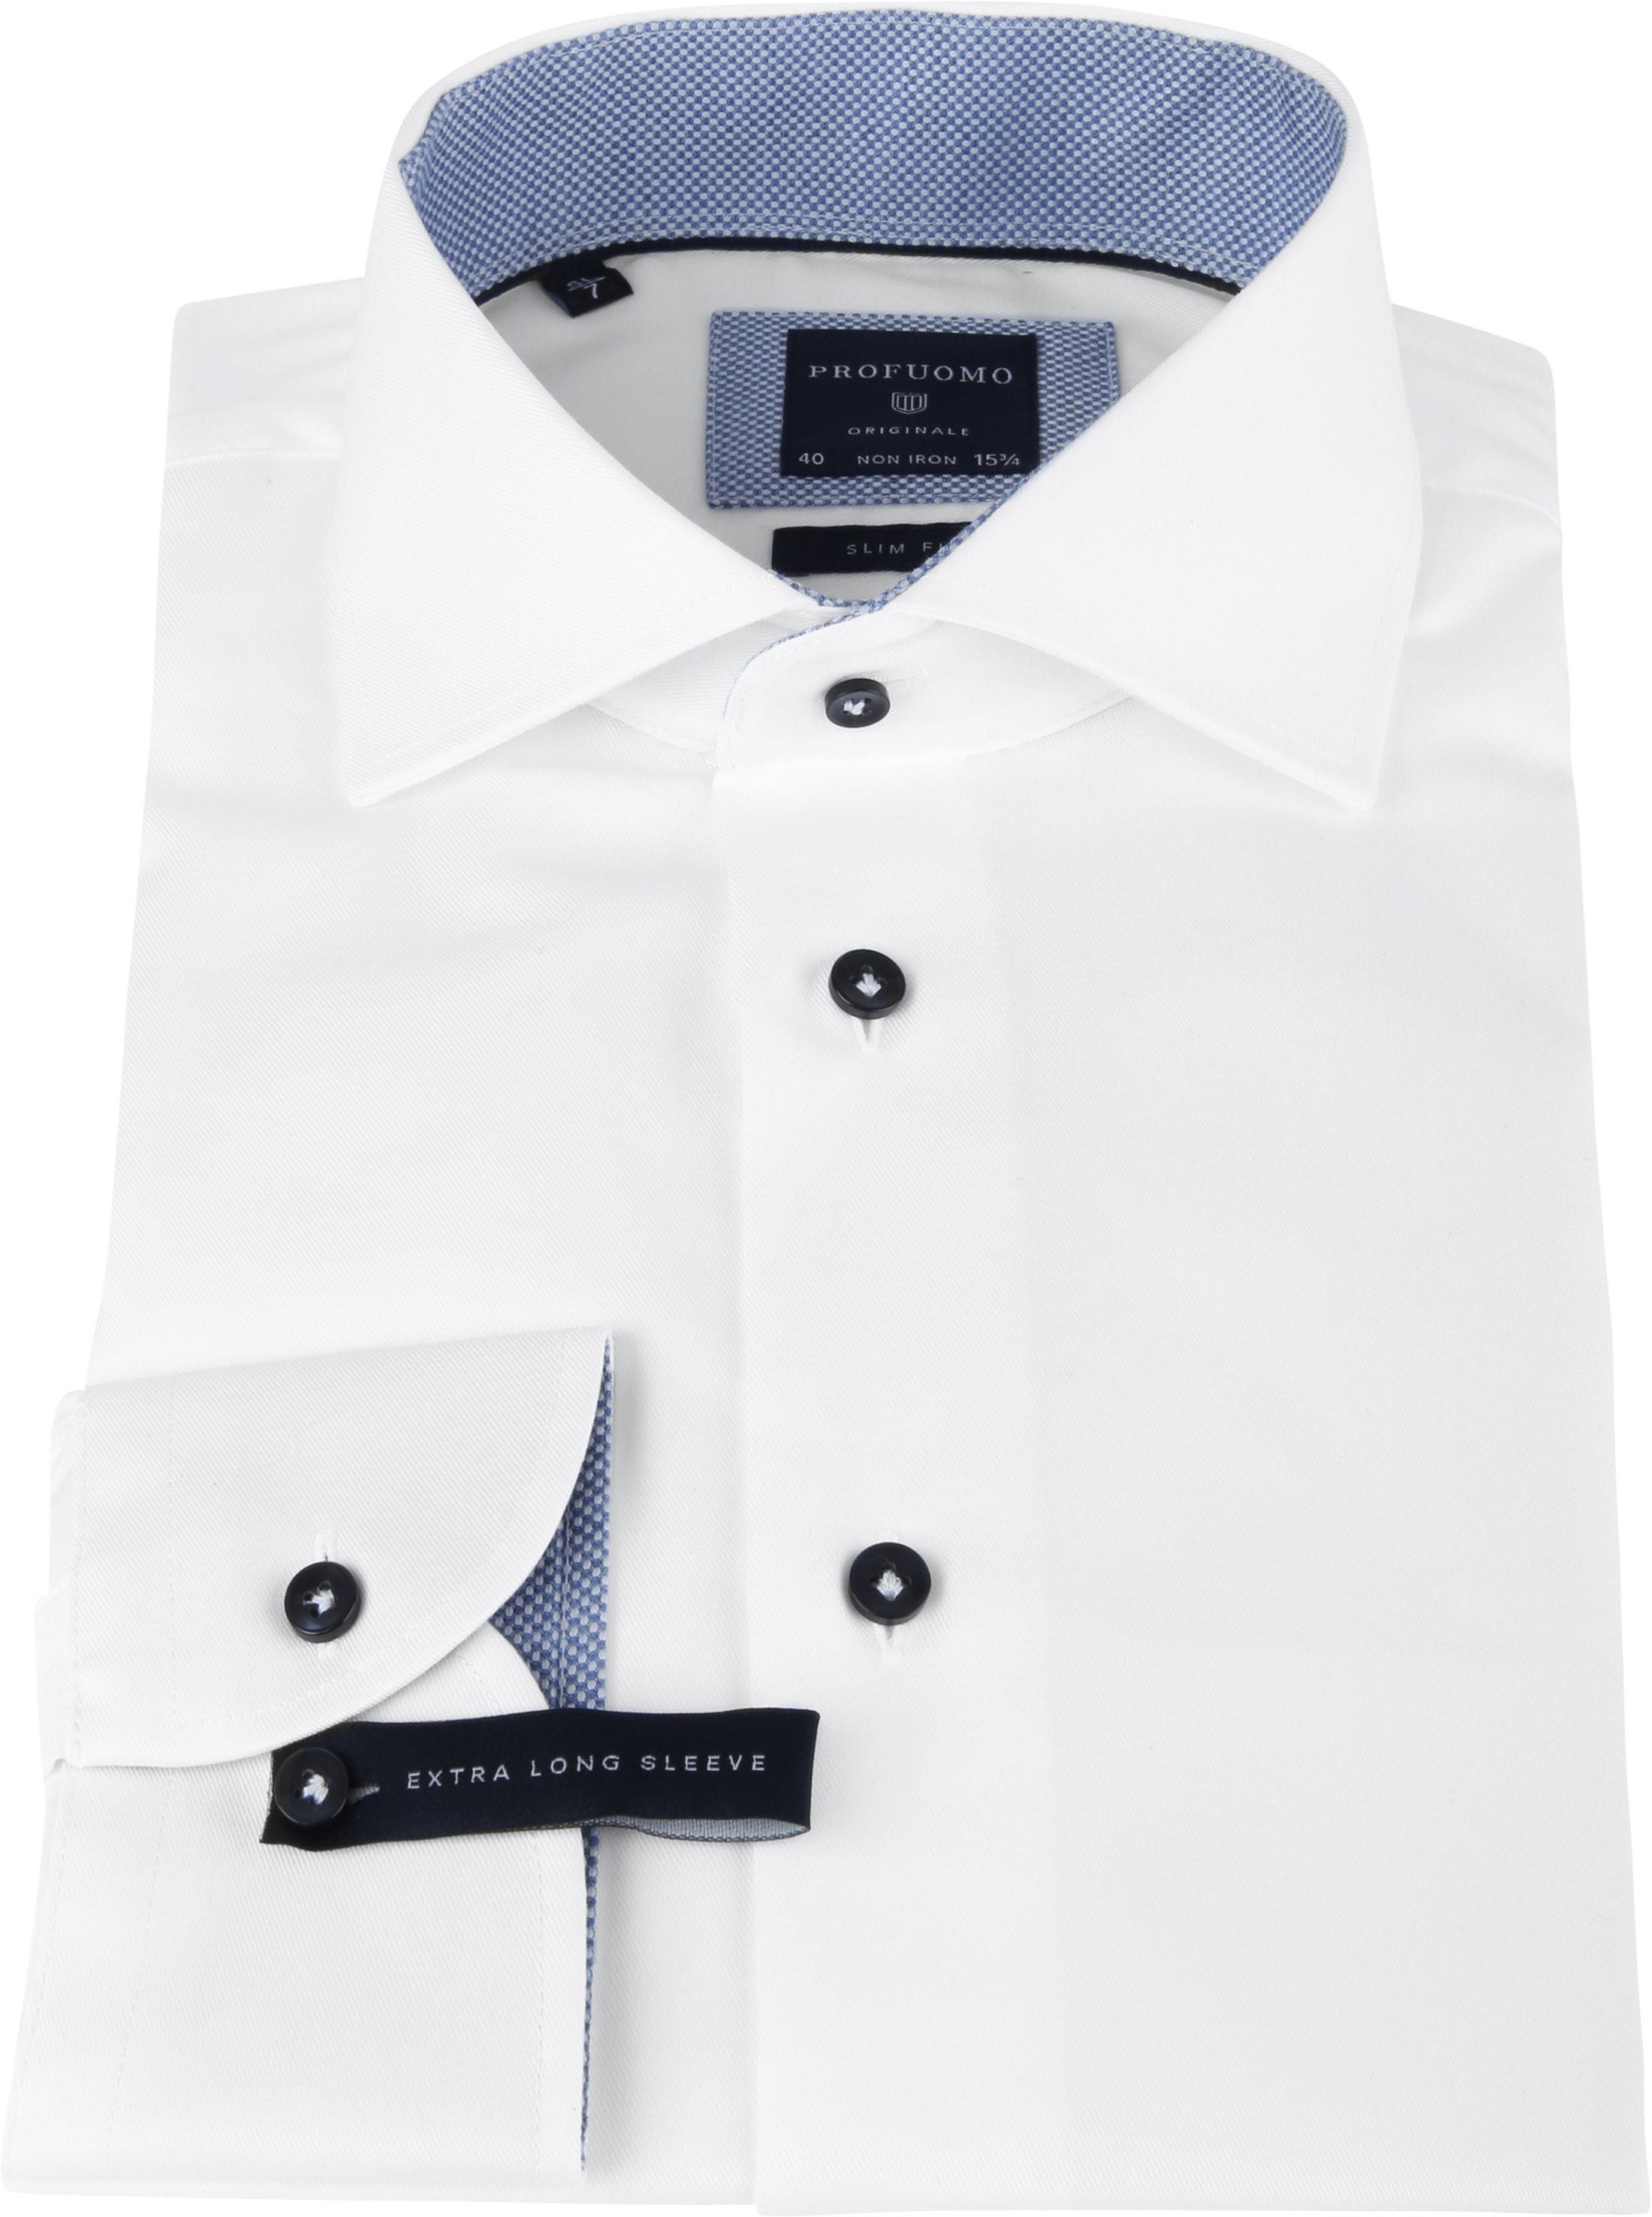 Profuomo Shirt SL7 White Fine Twill CAW photo 2